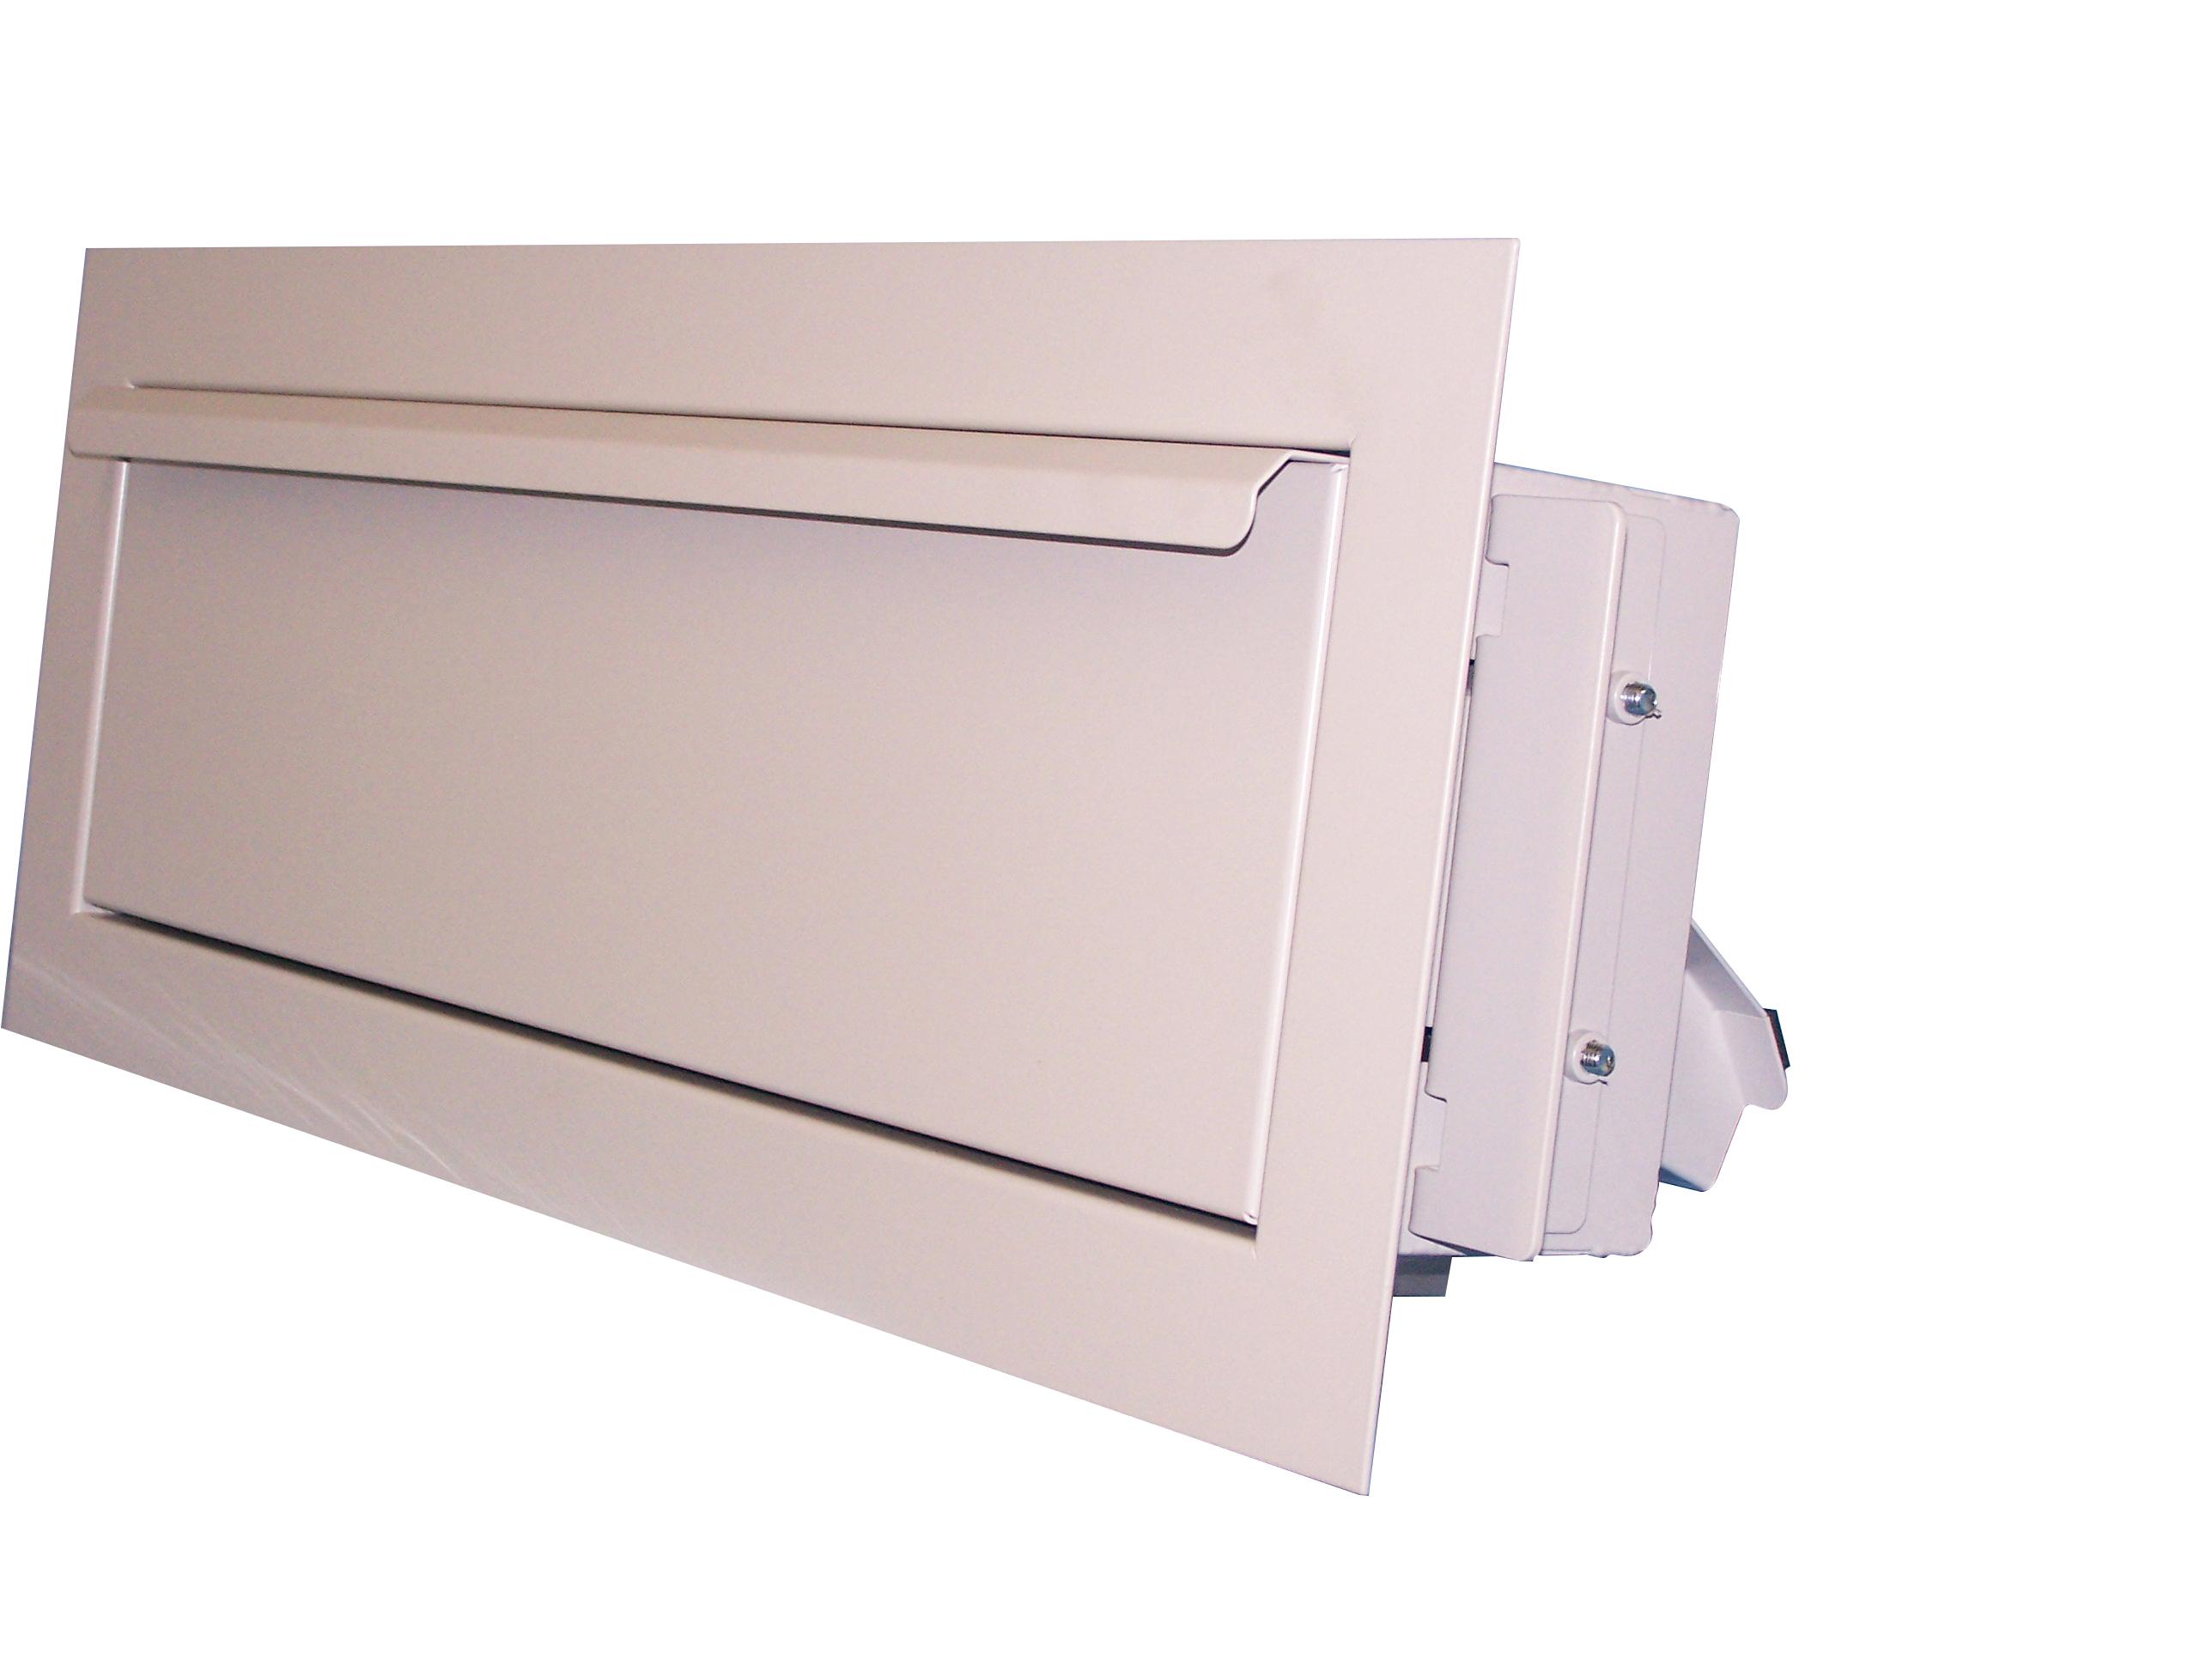 Medien-Einwurfklappe (Einbau Holz- und Metallrahmen, Glasfronten)